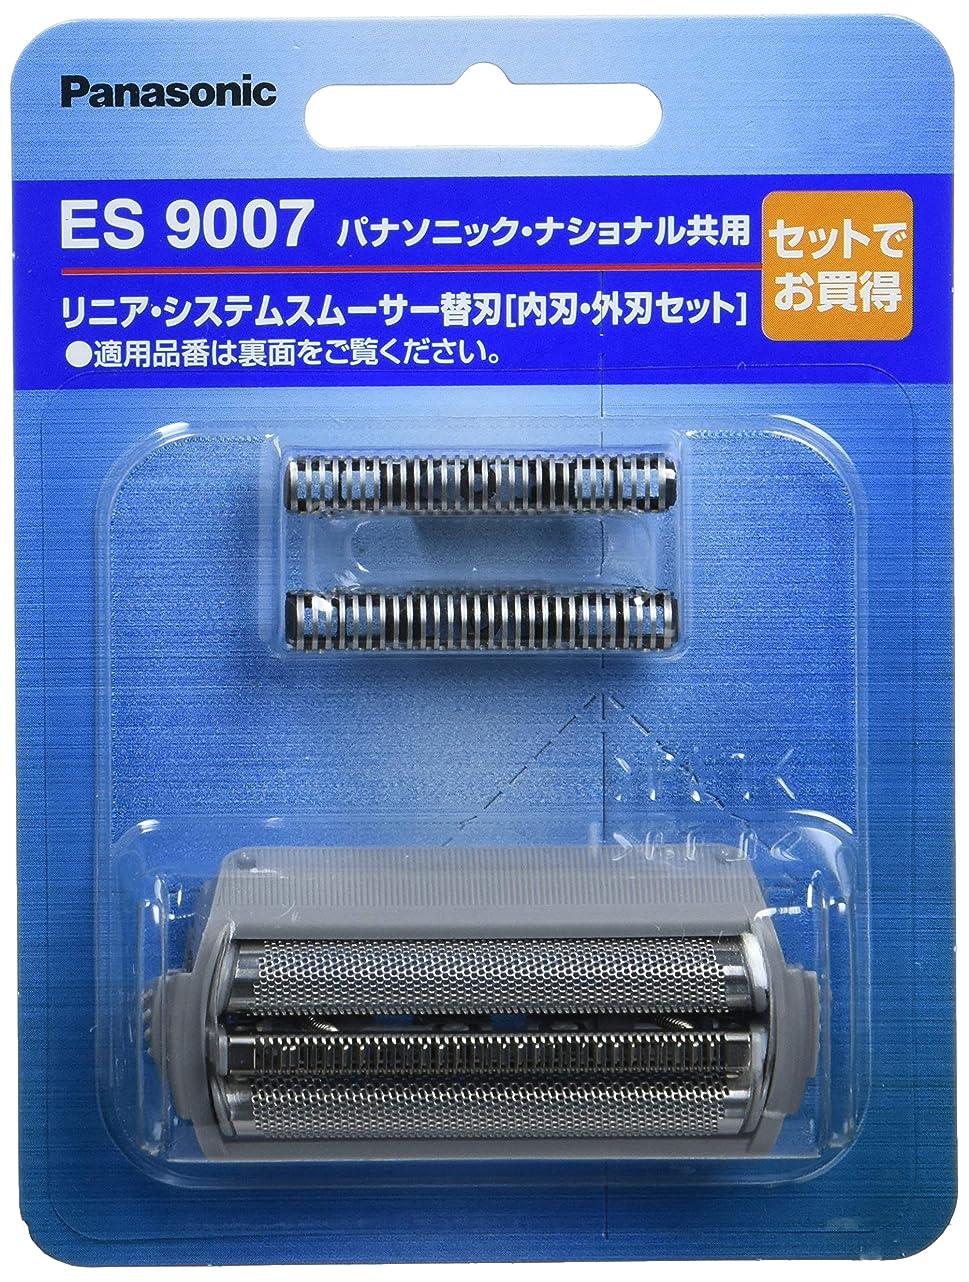 脅迫ハシー死の顎パナソニック 替刃 メンズシェーバー用 セット刃 ES9007